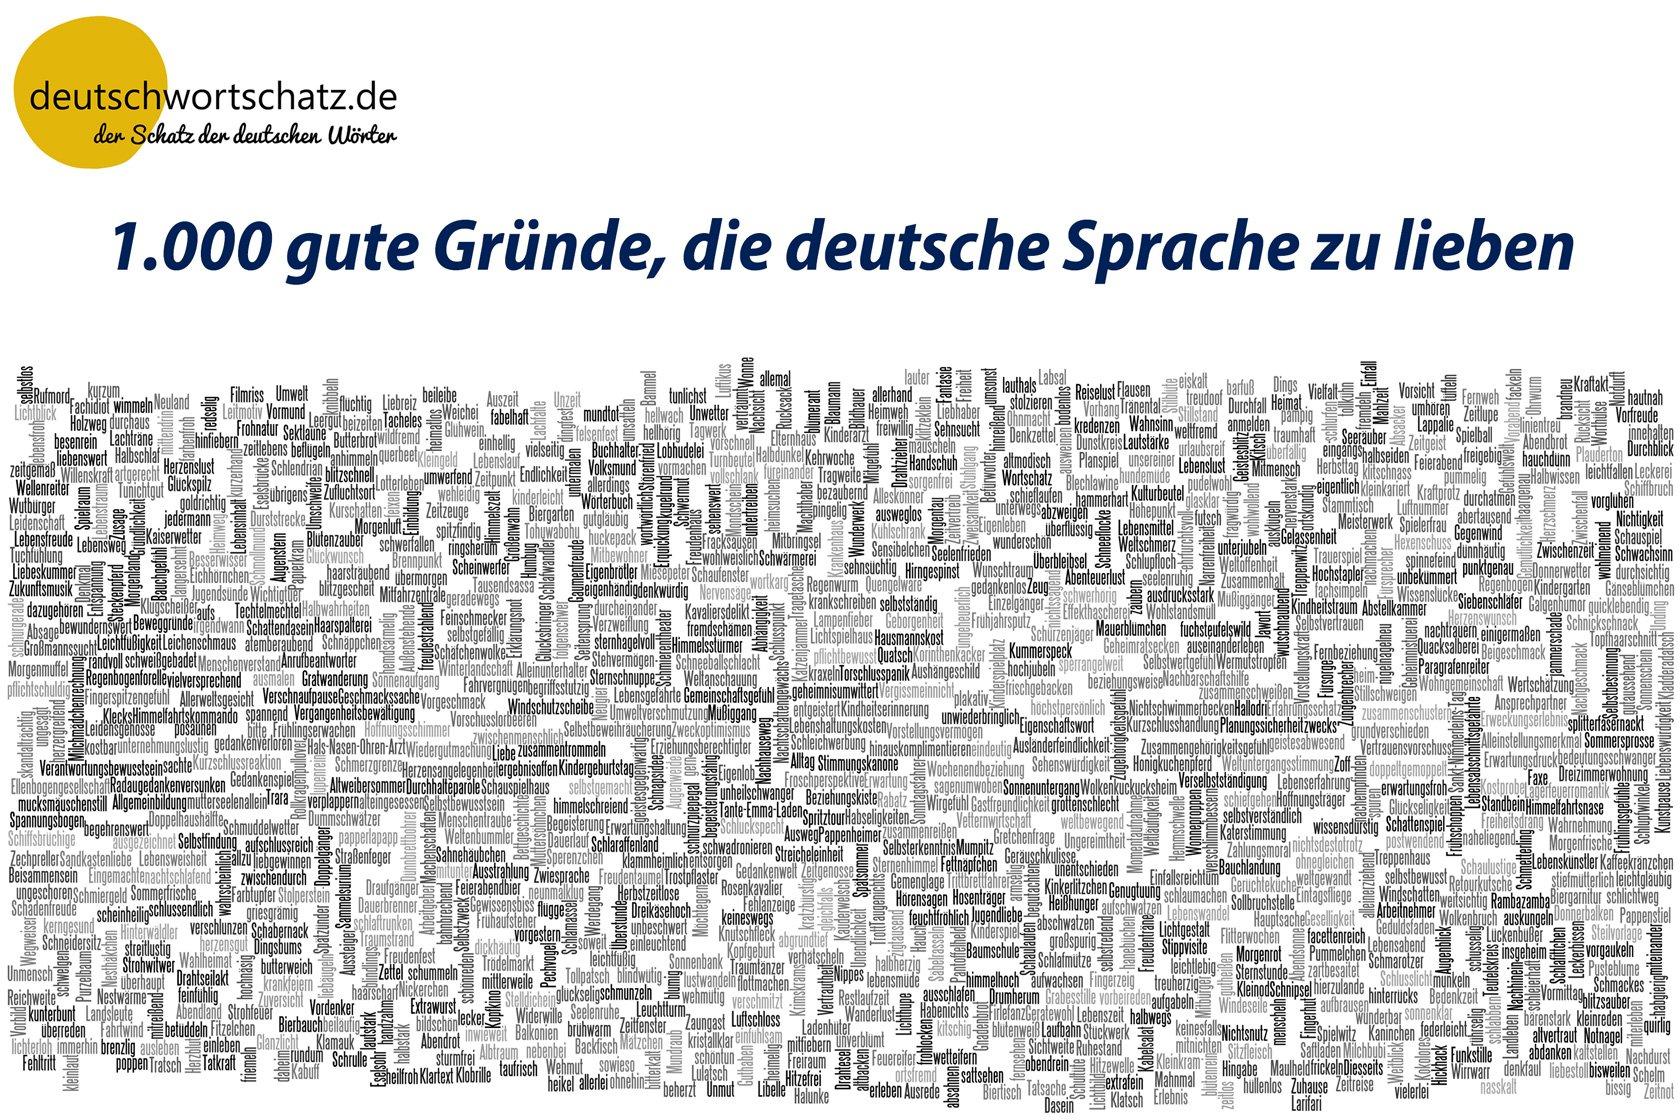 deutsche Sprache - Deutsch Wortschatz - deutsche Wörter -